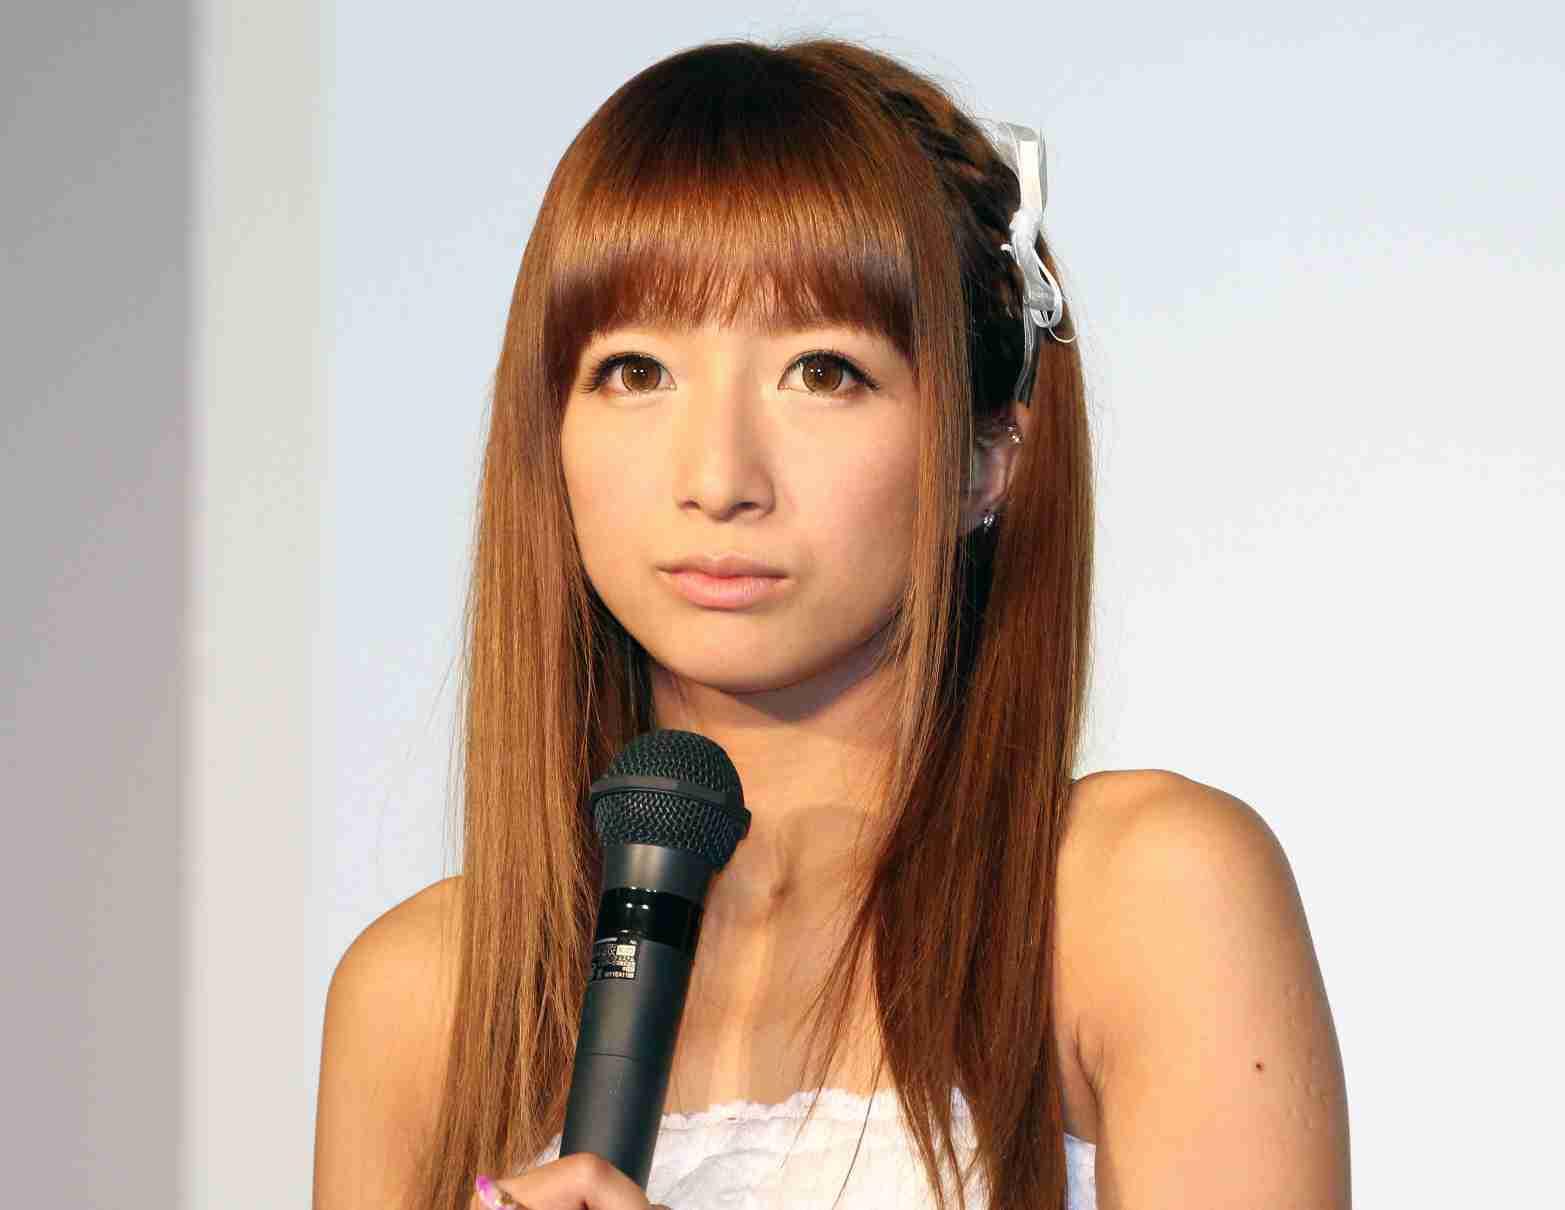 関ジャニ安田、辻希美の自宅にお泊り!ファン驚き  - Yahoo!ニュース